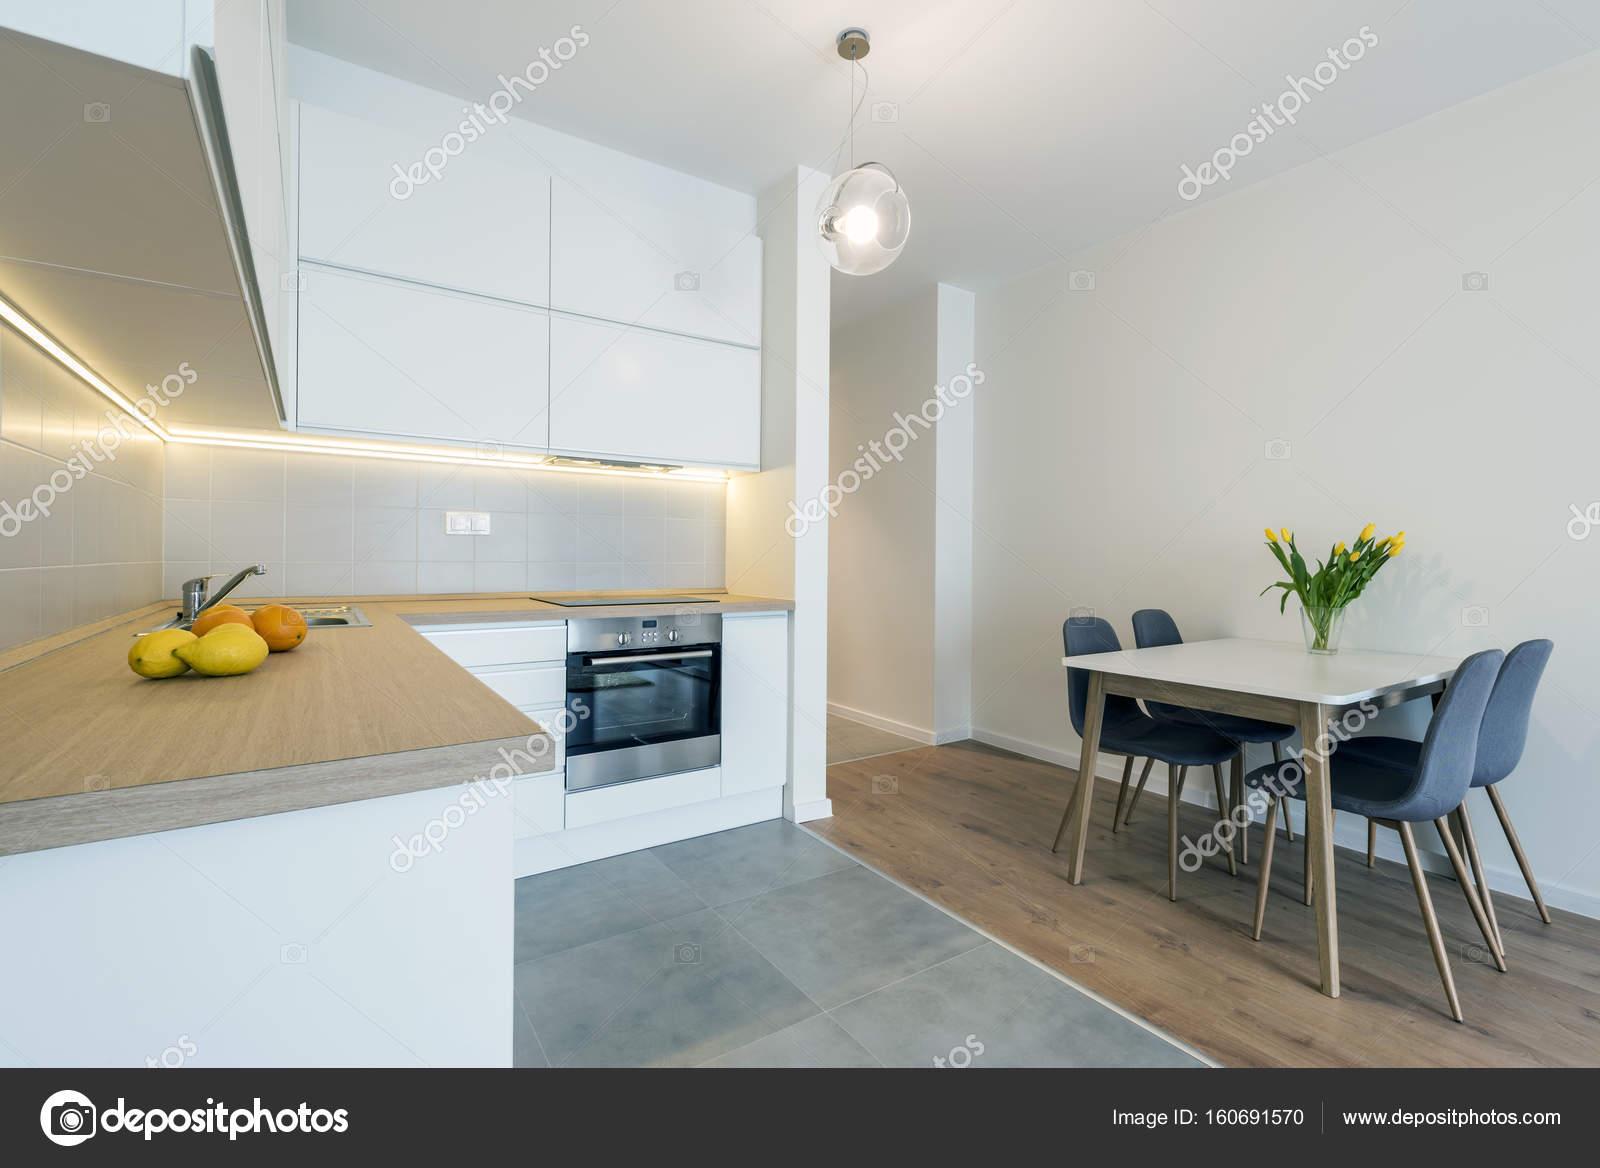 Afwerking Witte Keuken : Design van het interieur van de moderne keuken in witte kleur